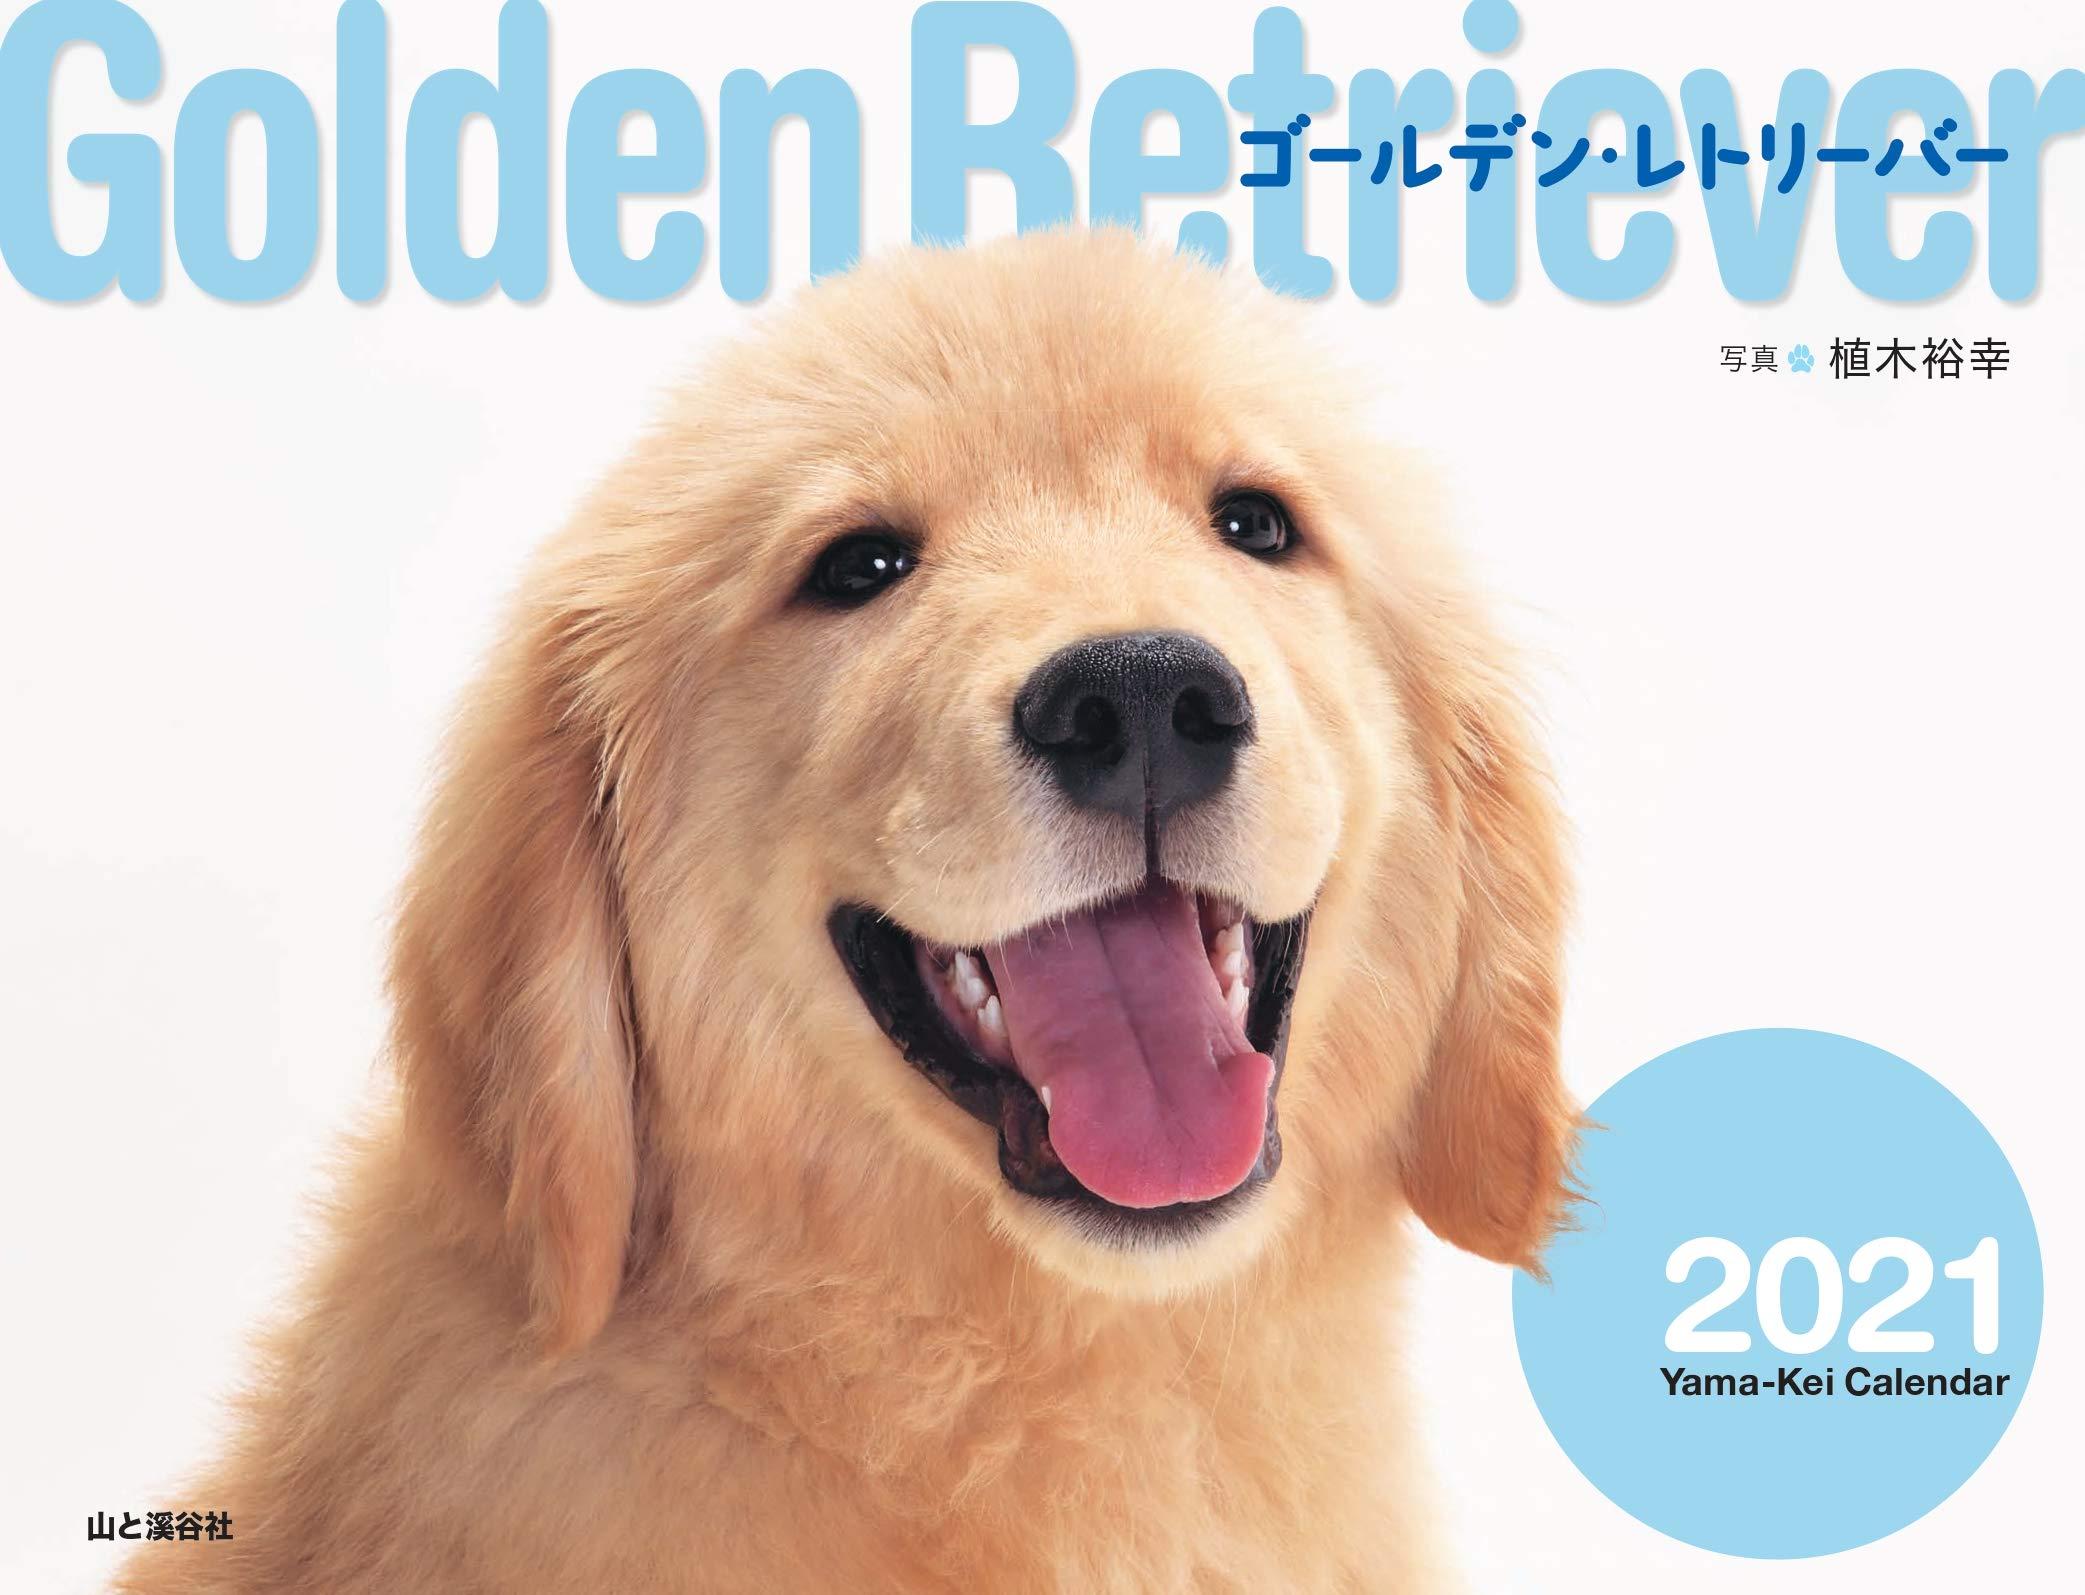 万 円 ゴールデン レトリバー 3